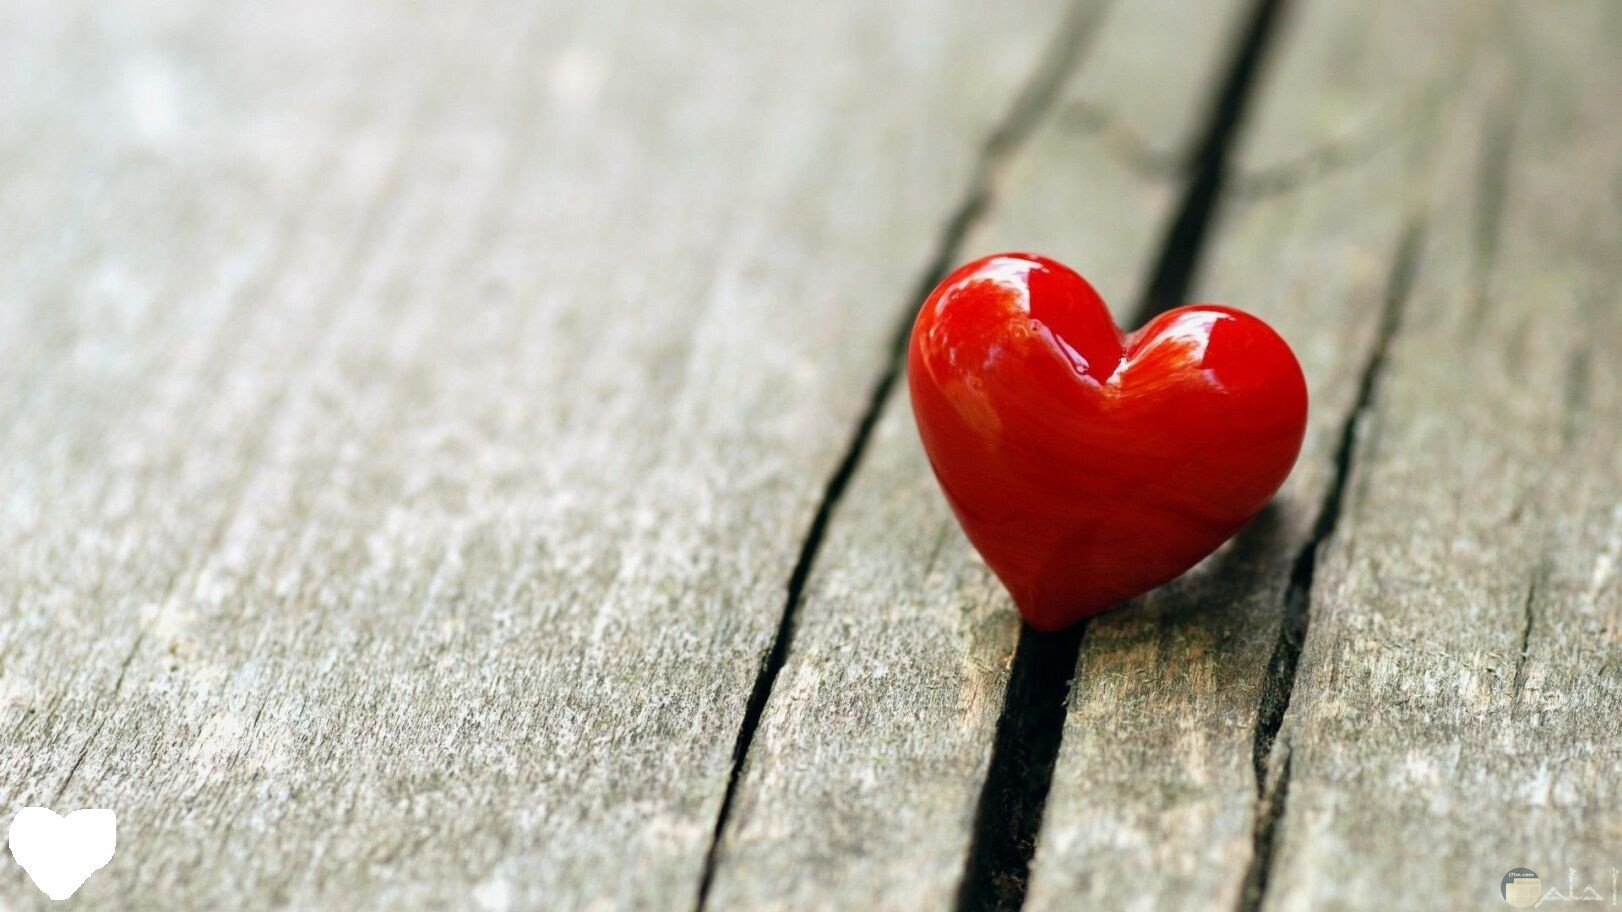 خلفية رومانسية لقلب أحمر.